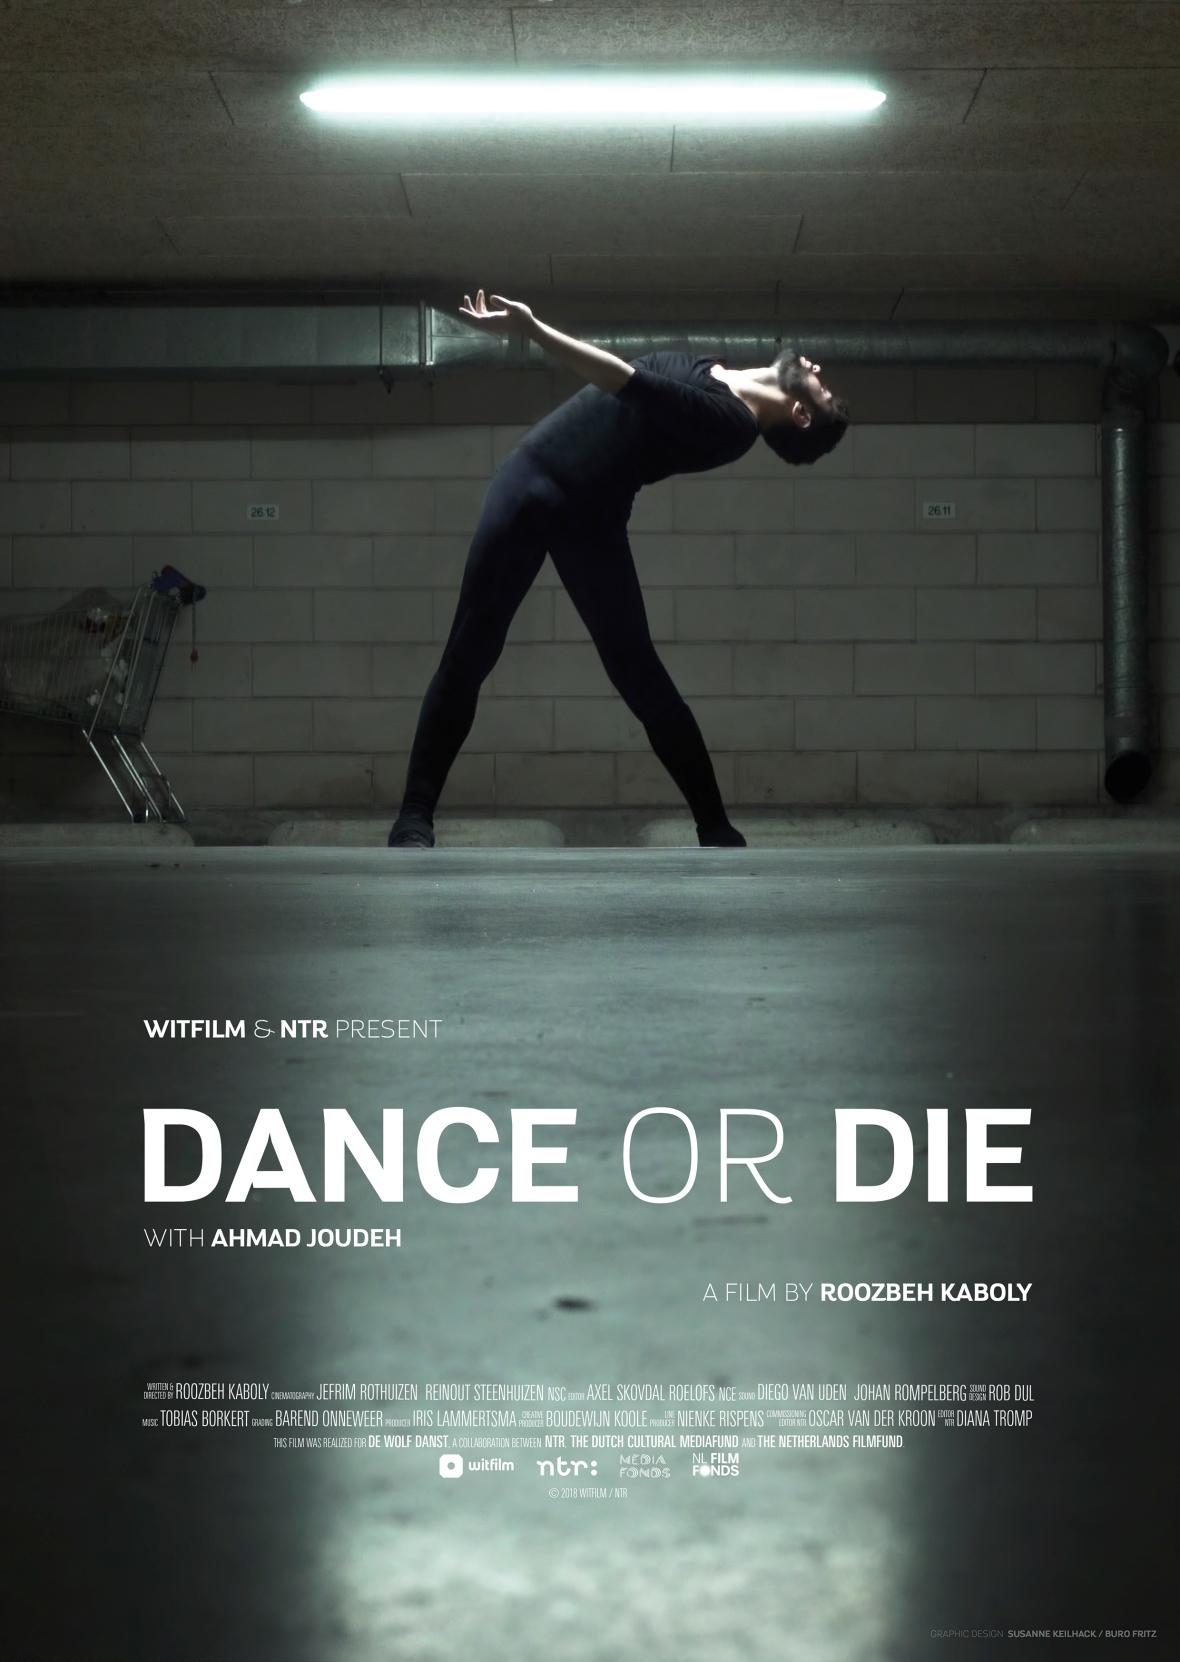 A4_Dance_or_Die_v4_EN_RGB